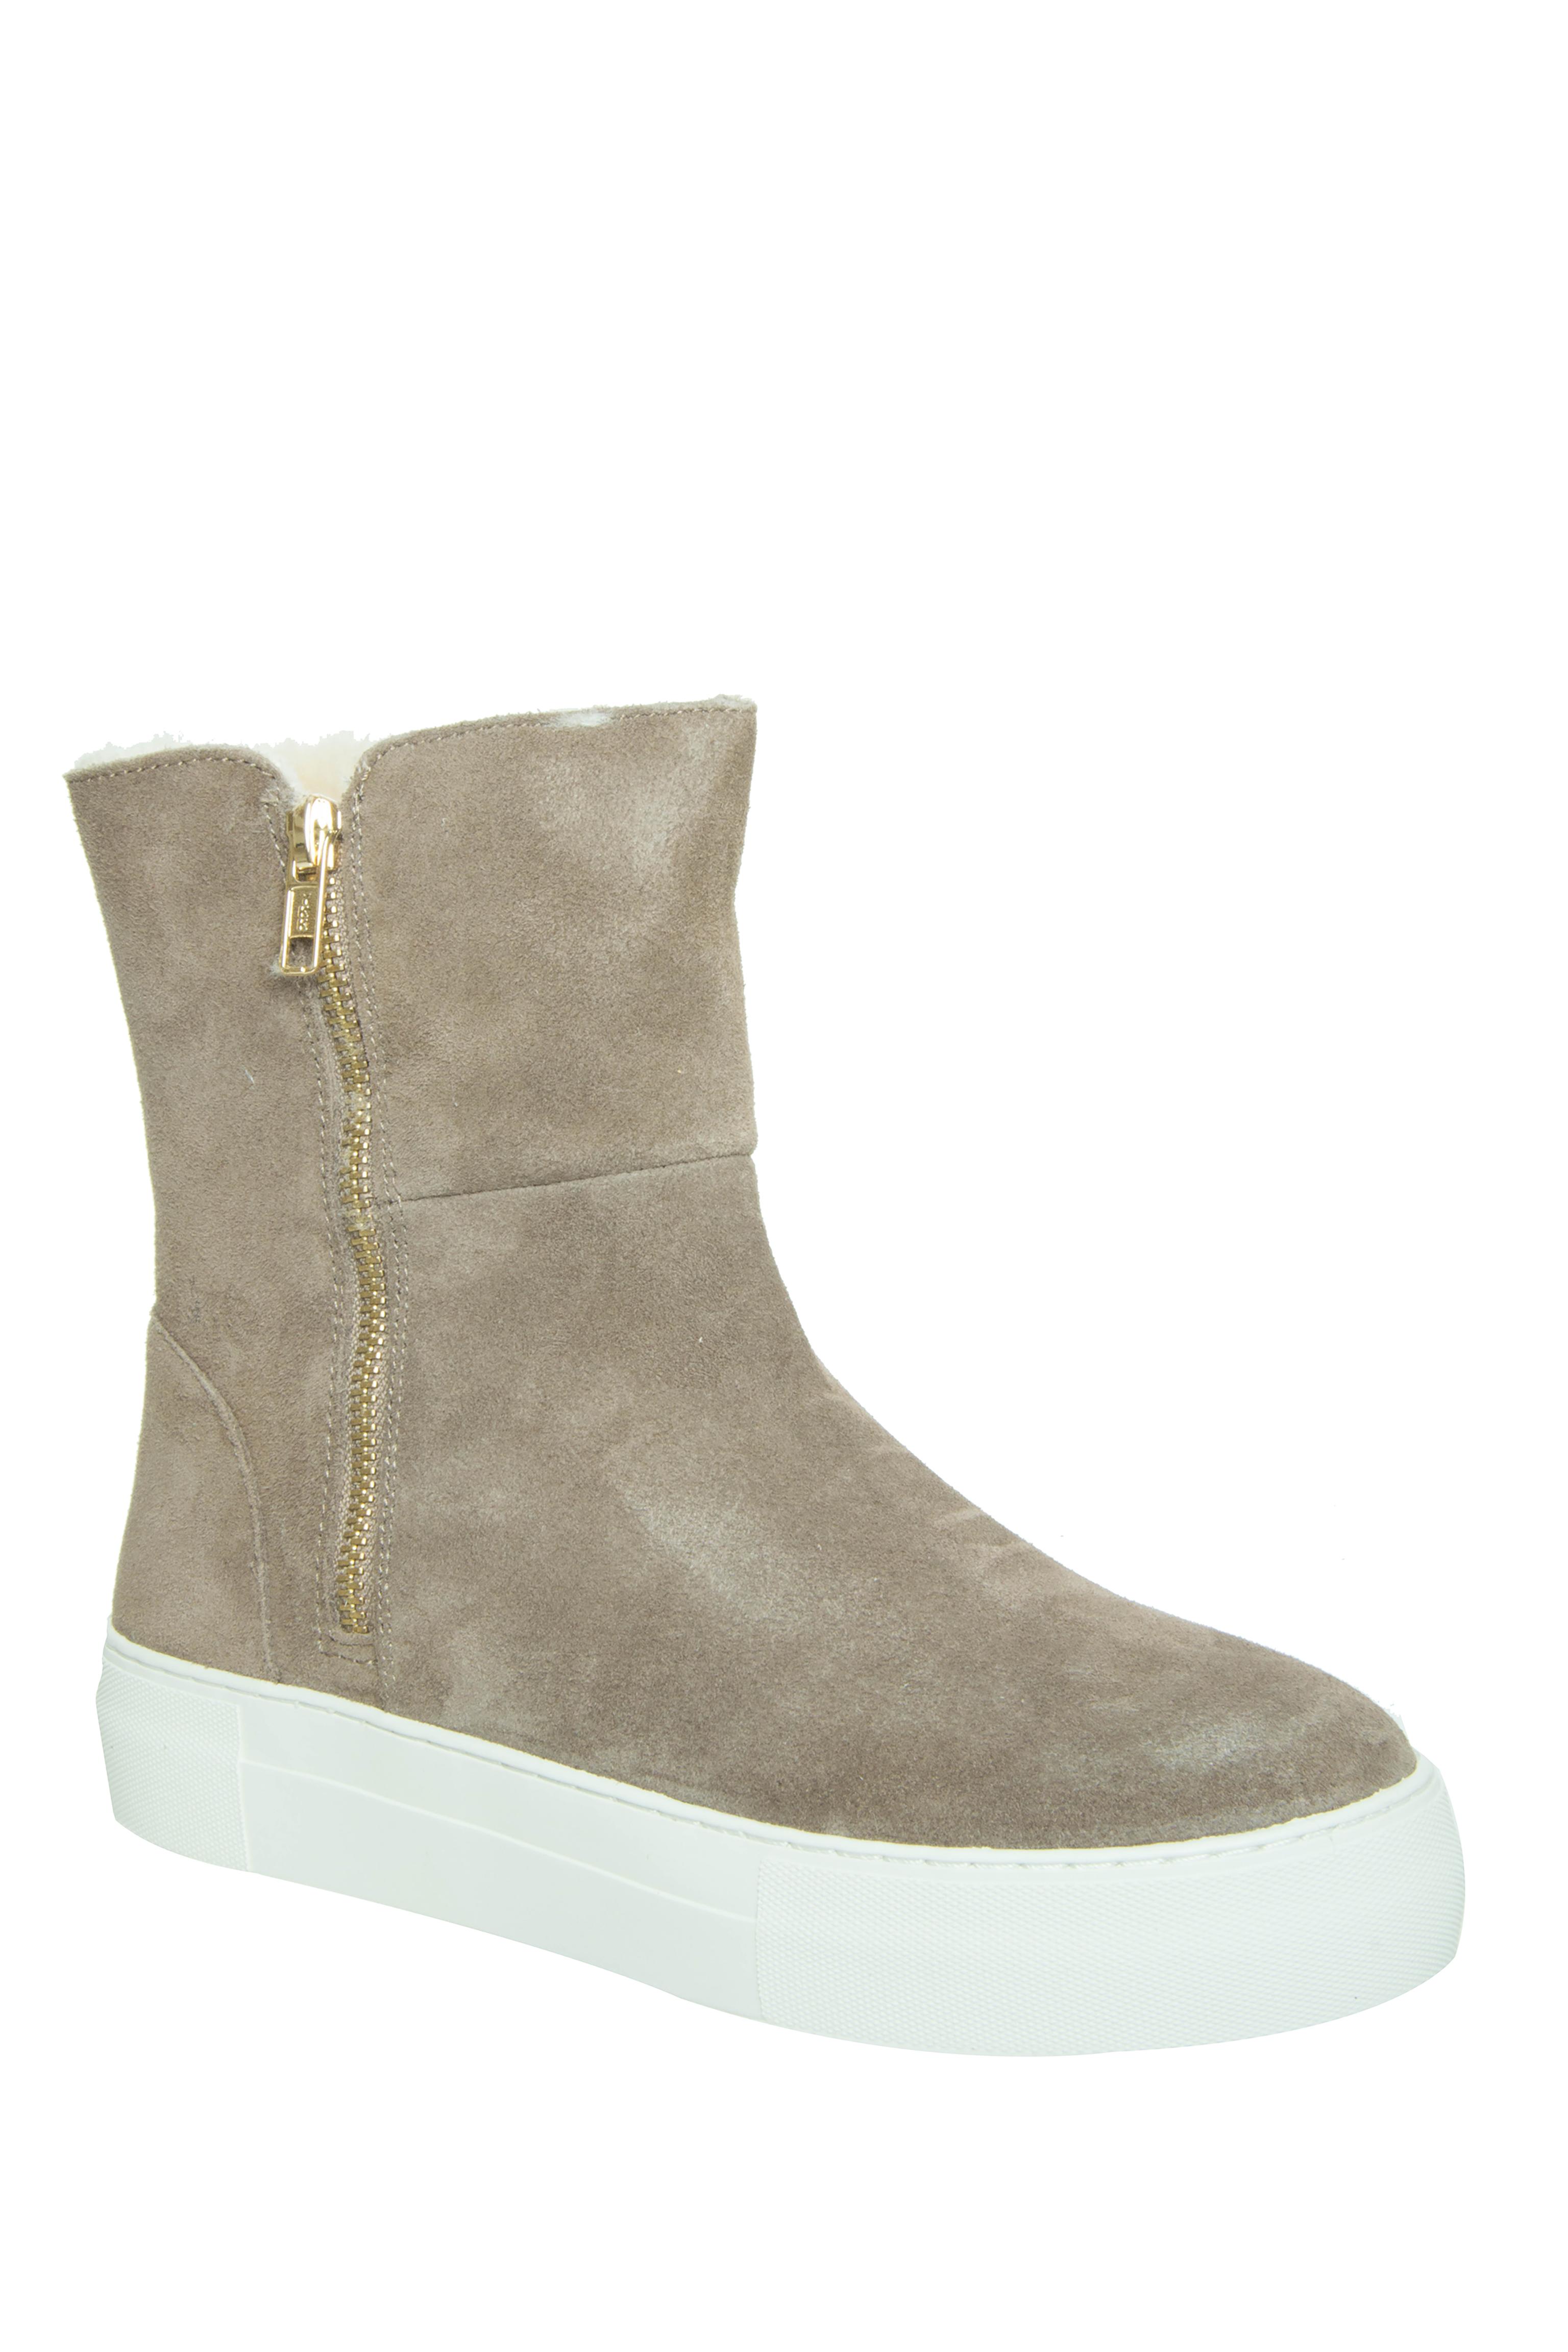 J Slides Allie Platform Boots - Taupe Suede